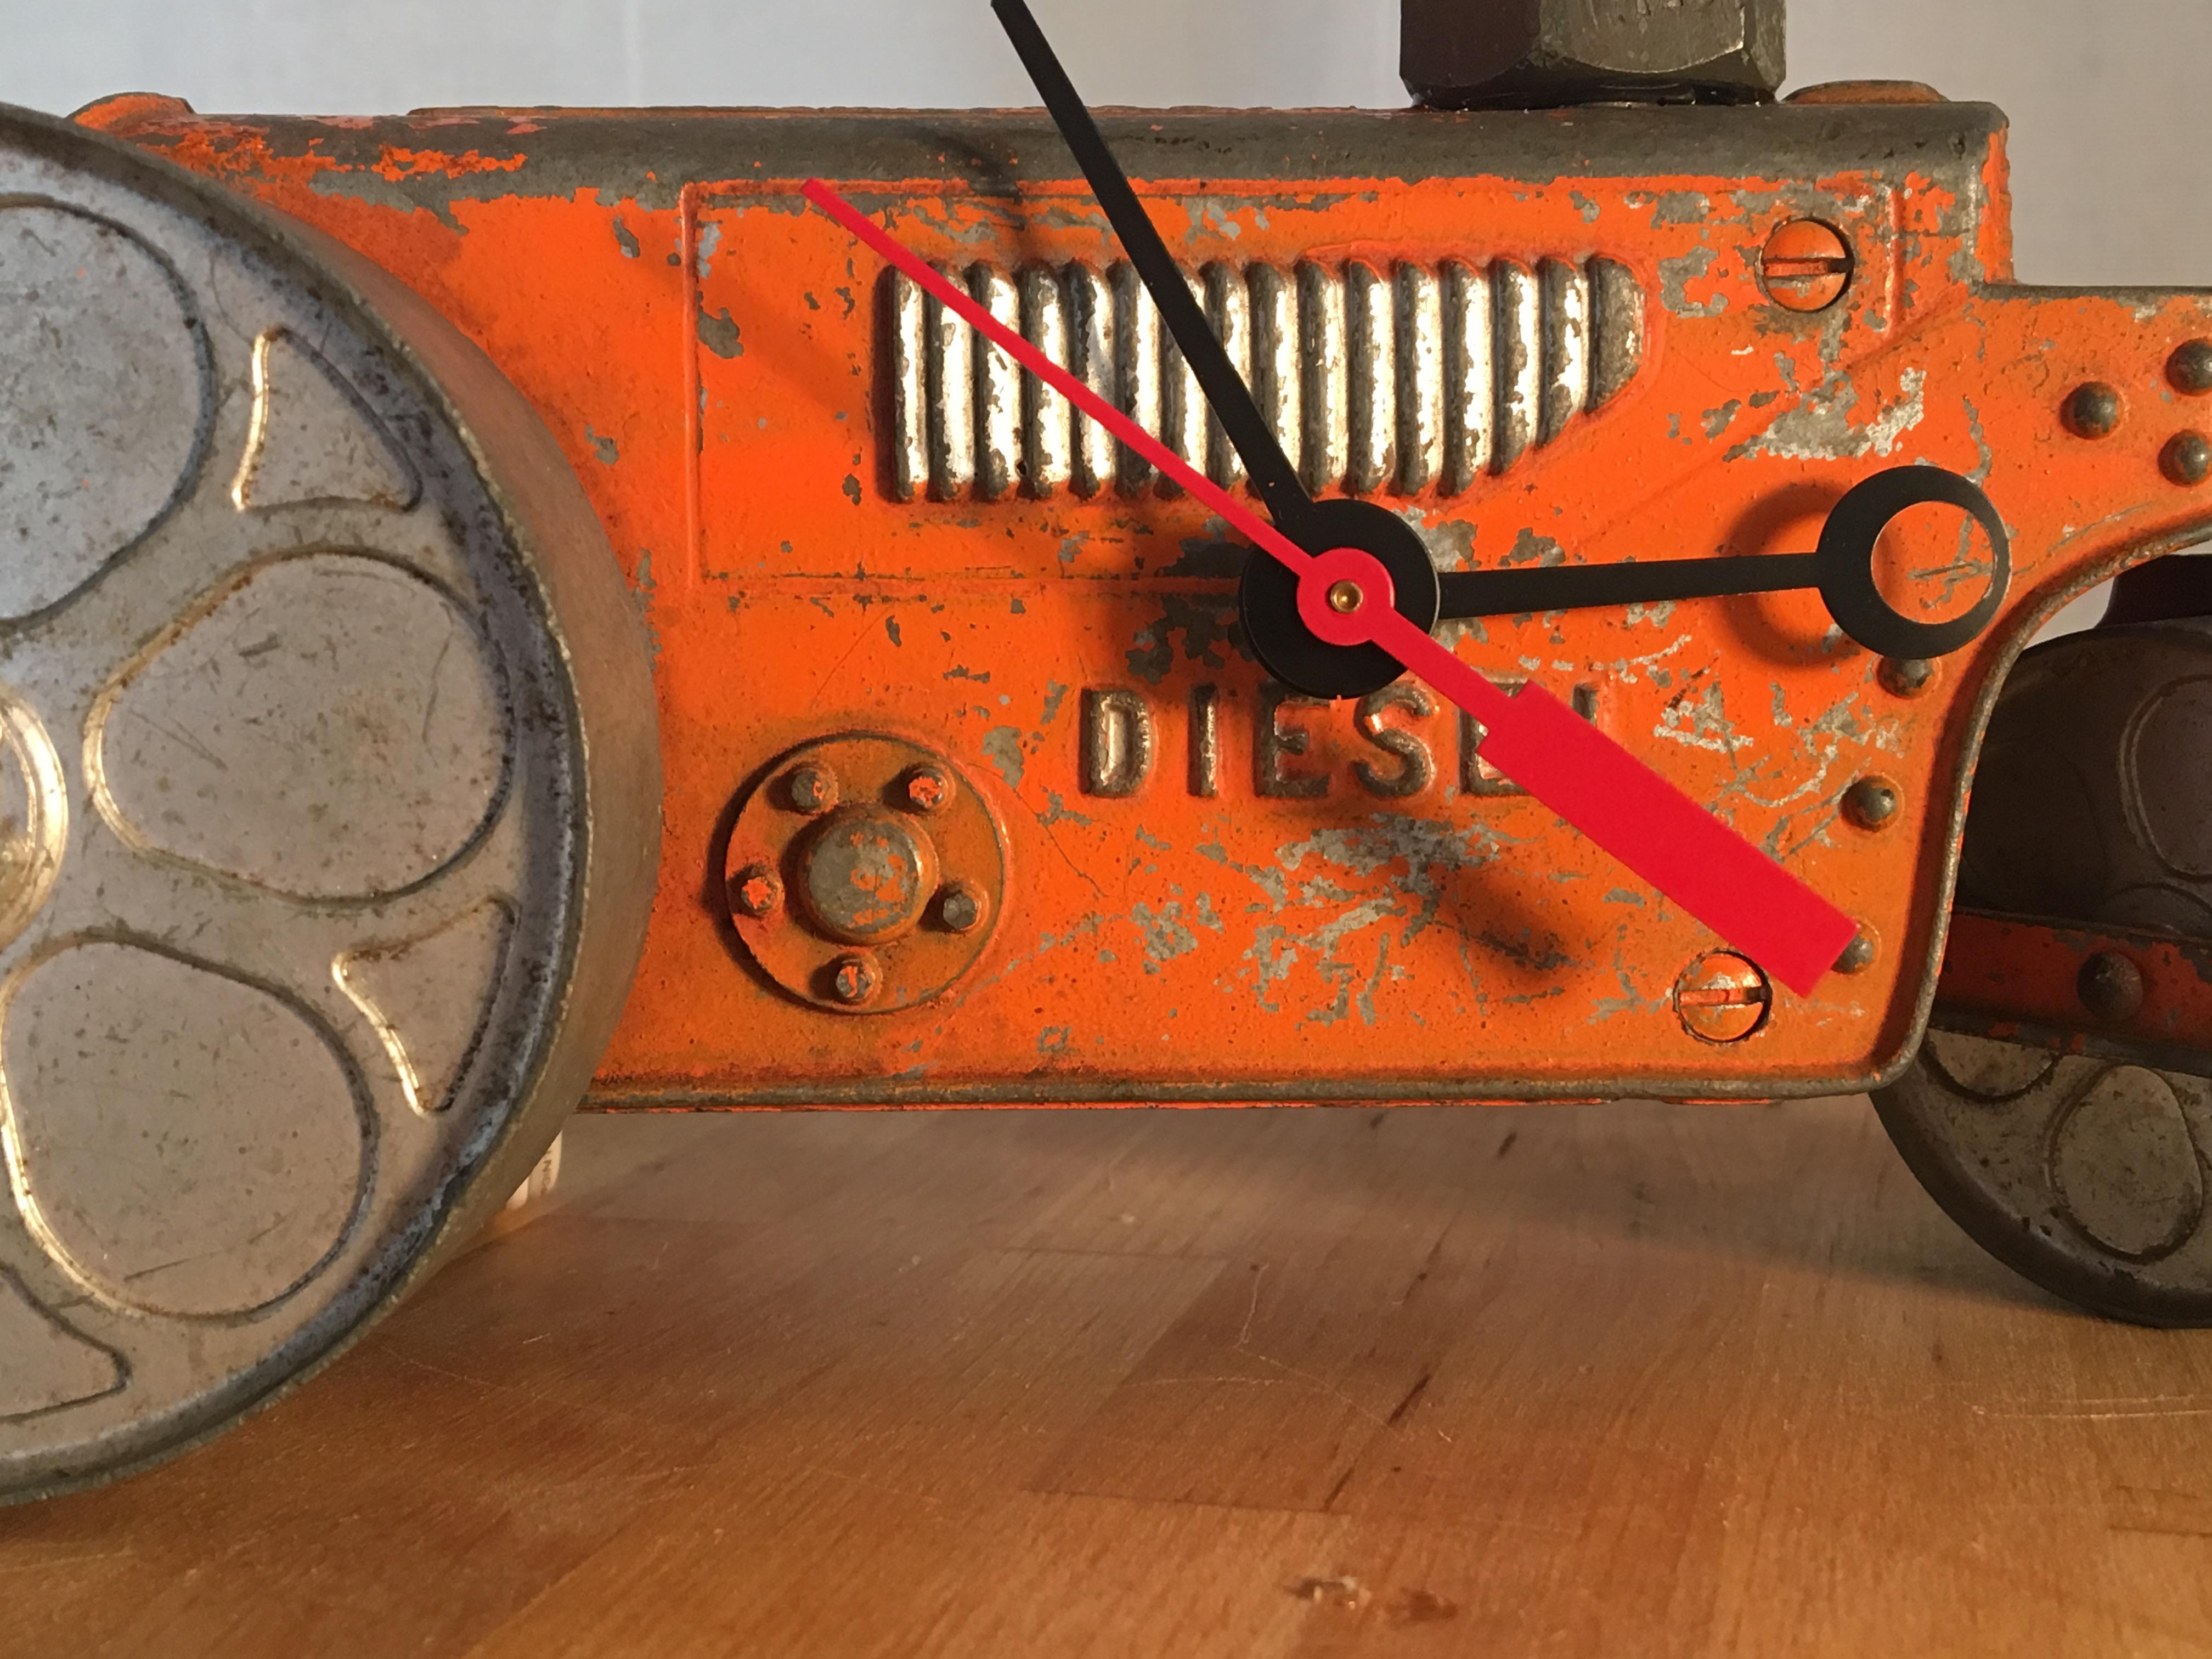 Diesel No. 0327